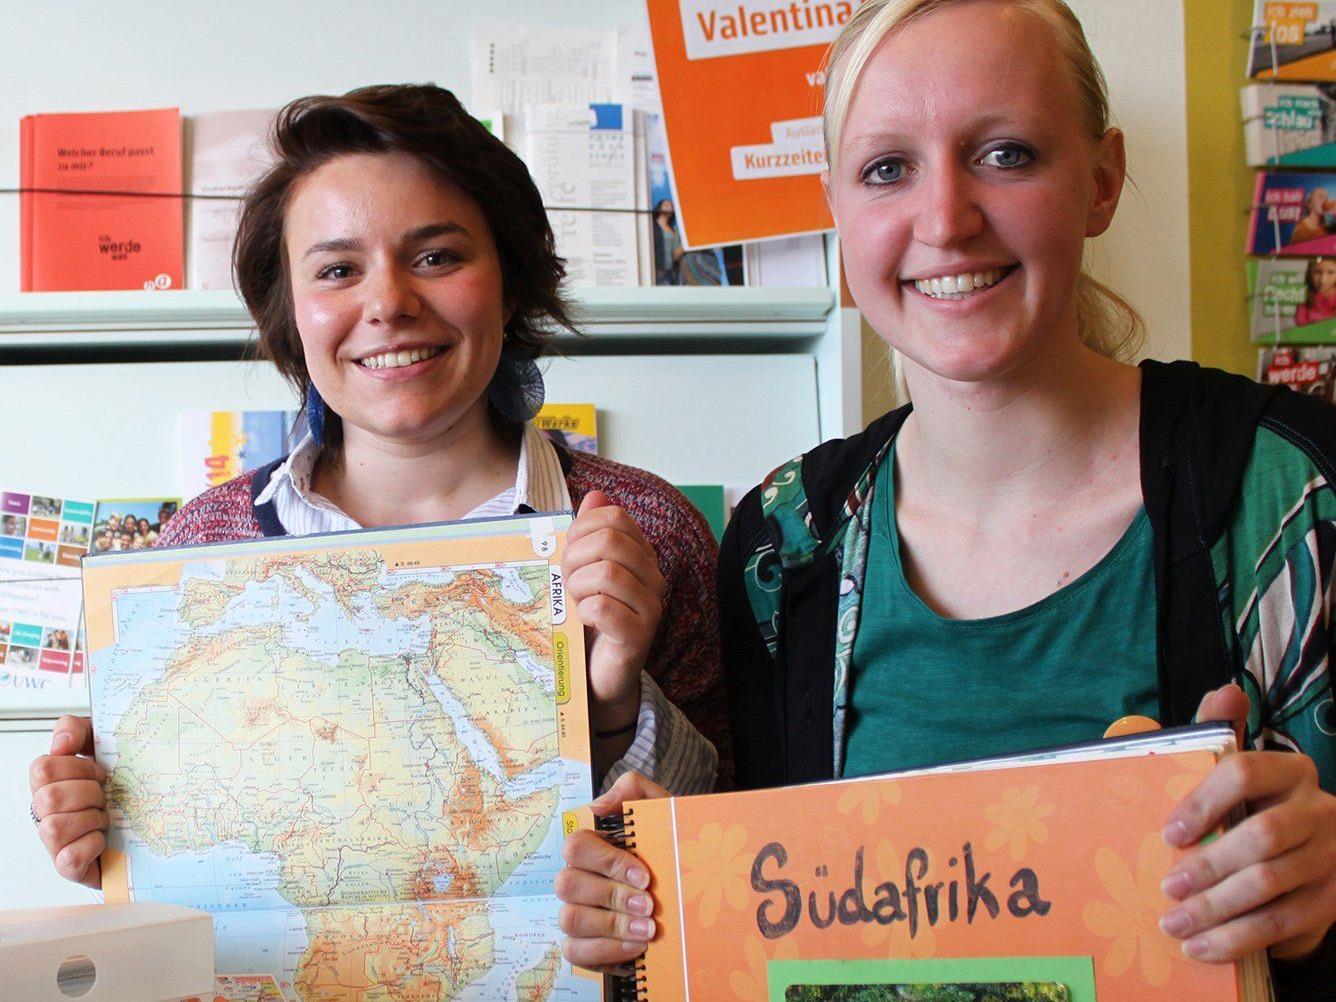 Eva (rechts) informiert mit großer Begeisterung über ihren Freiwilligen Einsatz in Südafrika